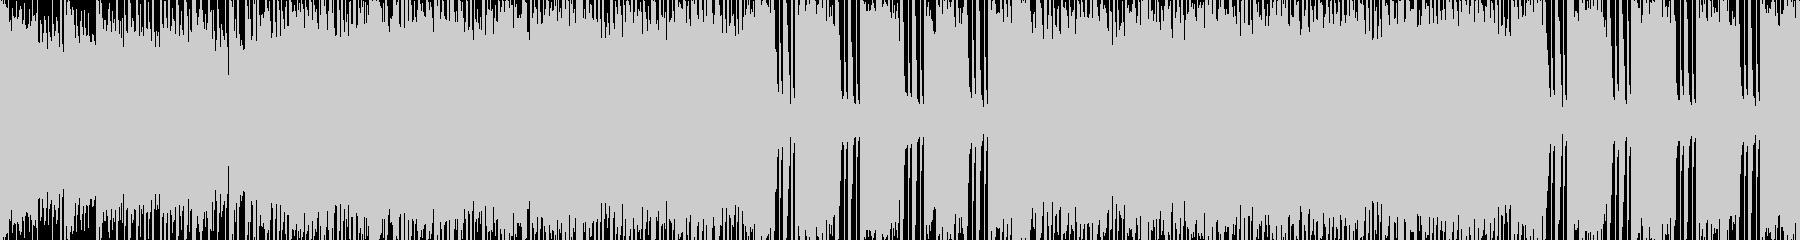 スマホアプリ向けバトル レトロ風の未再生の波形